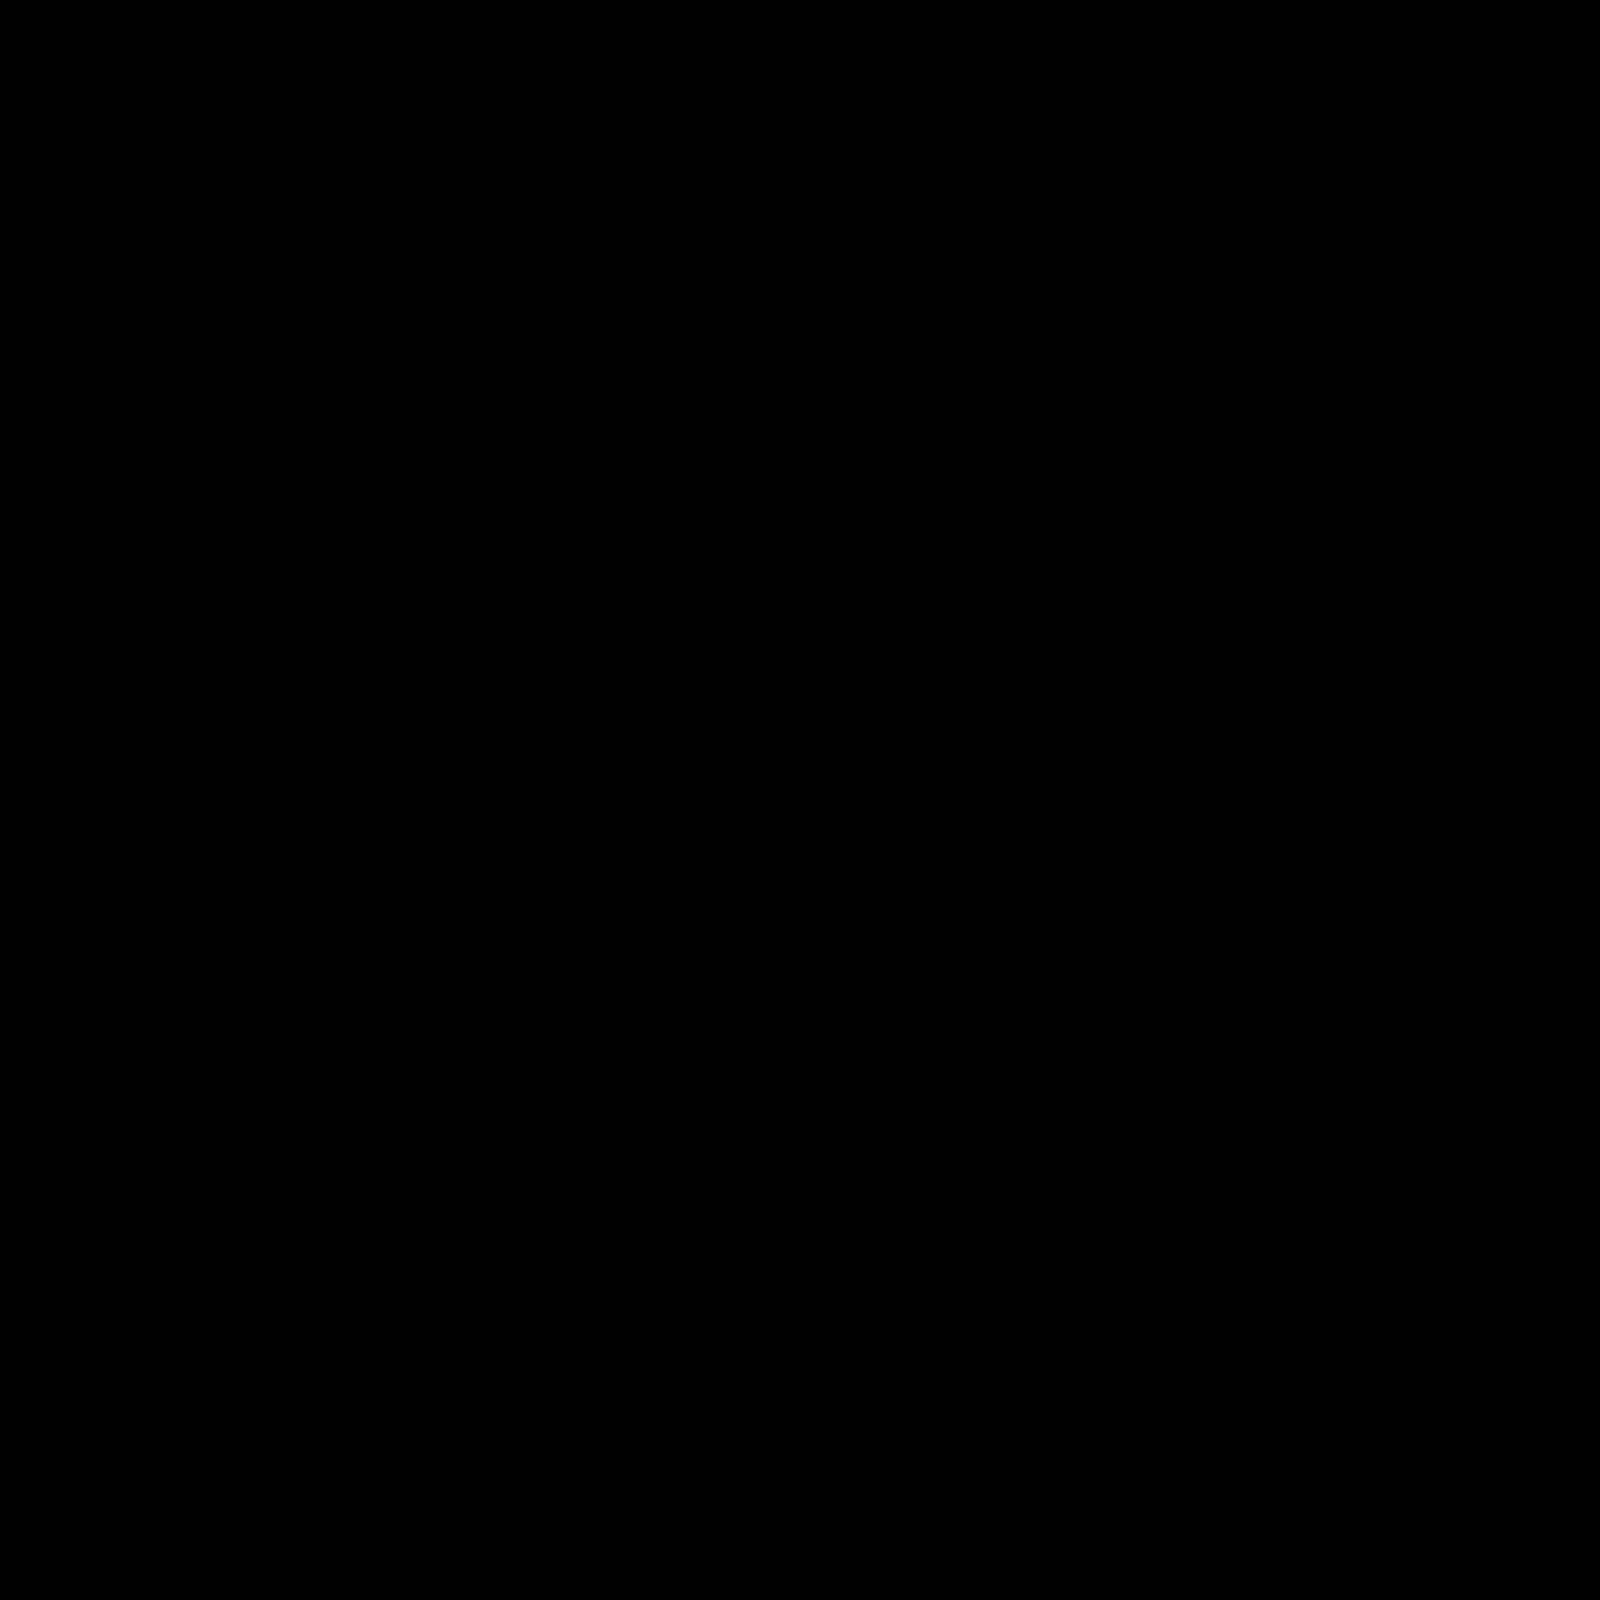 Black Spotify Icon #42.